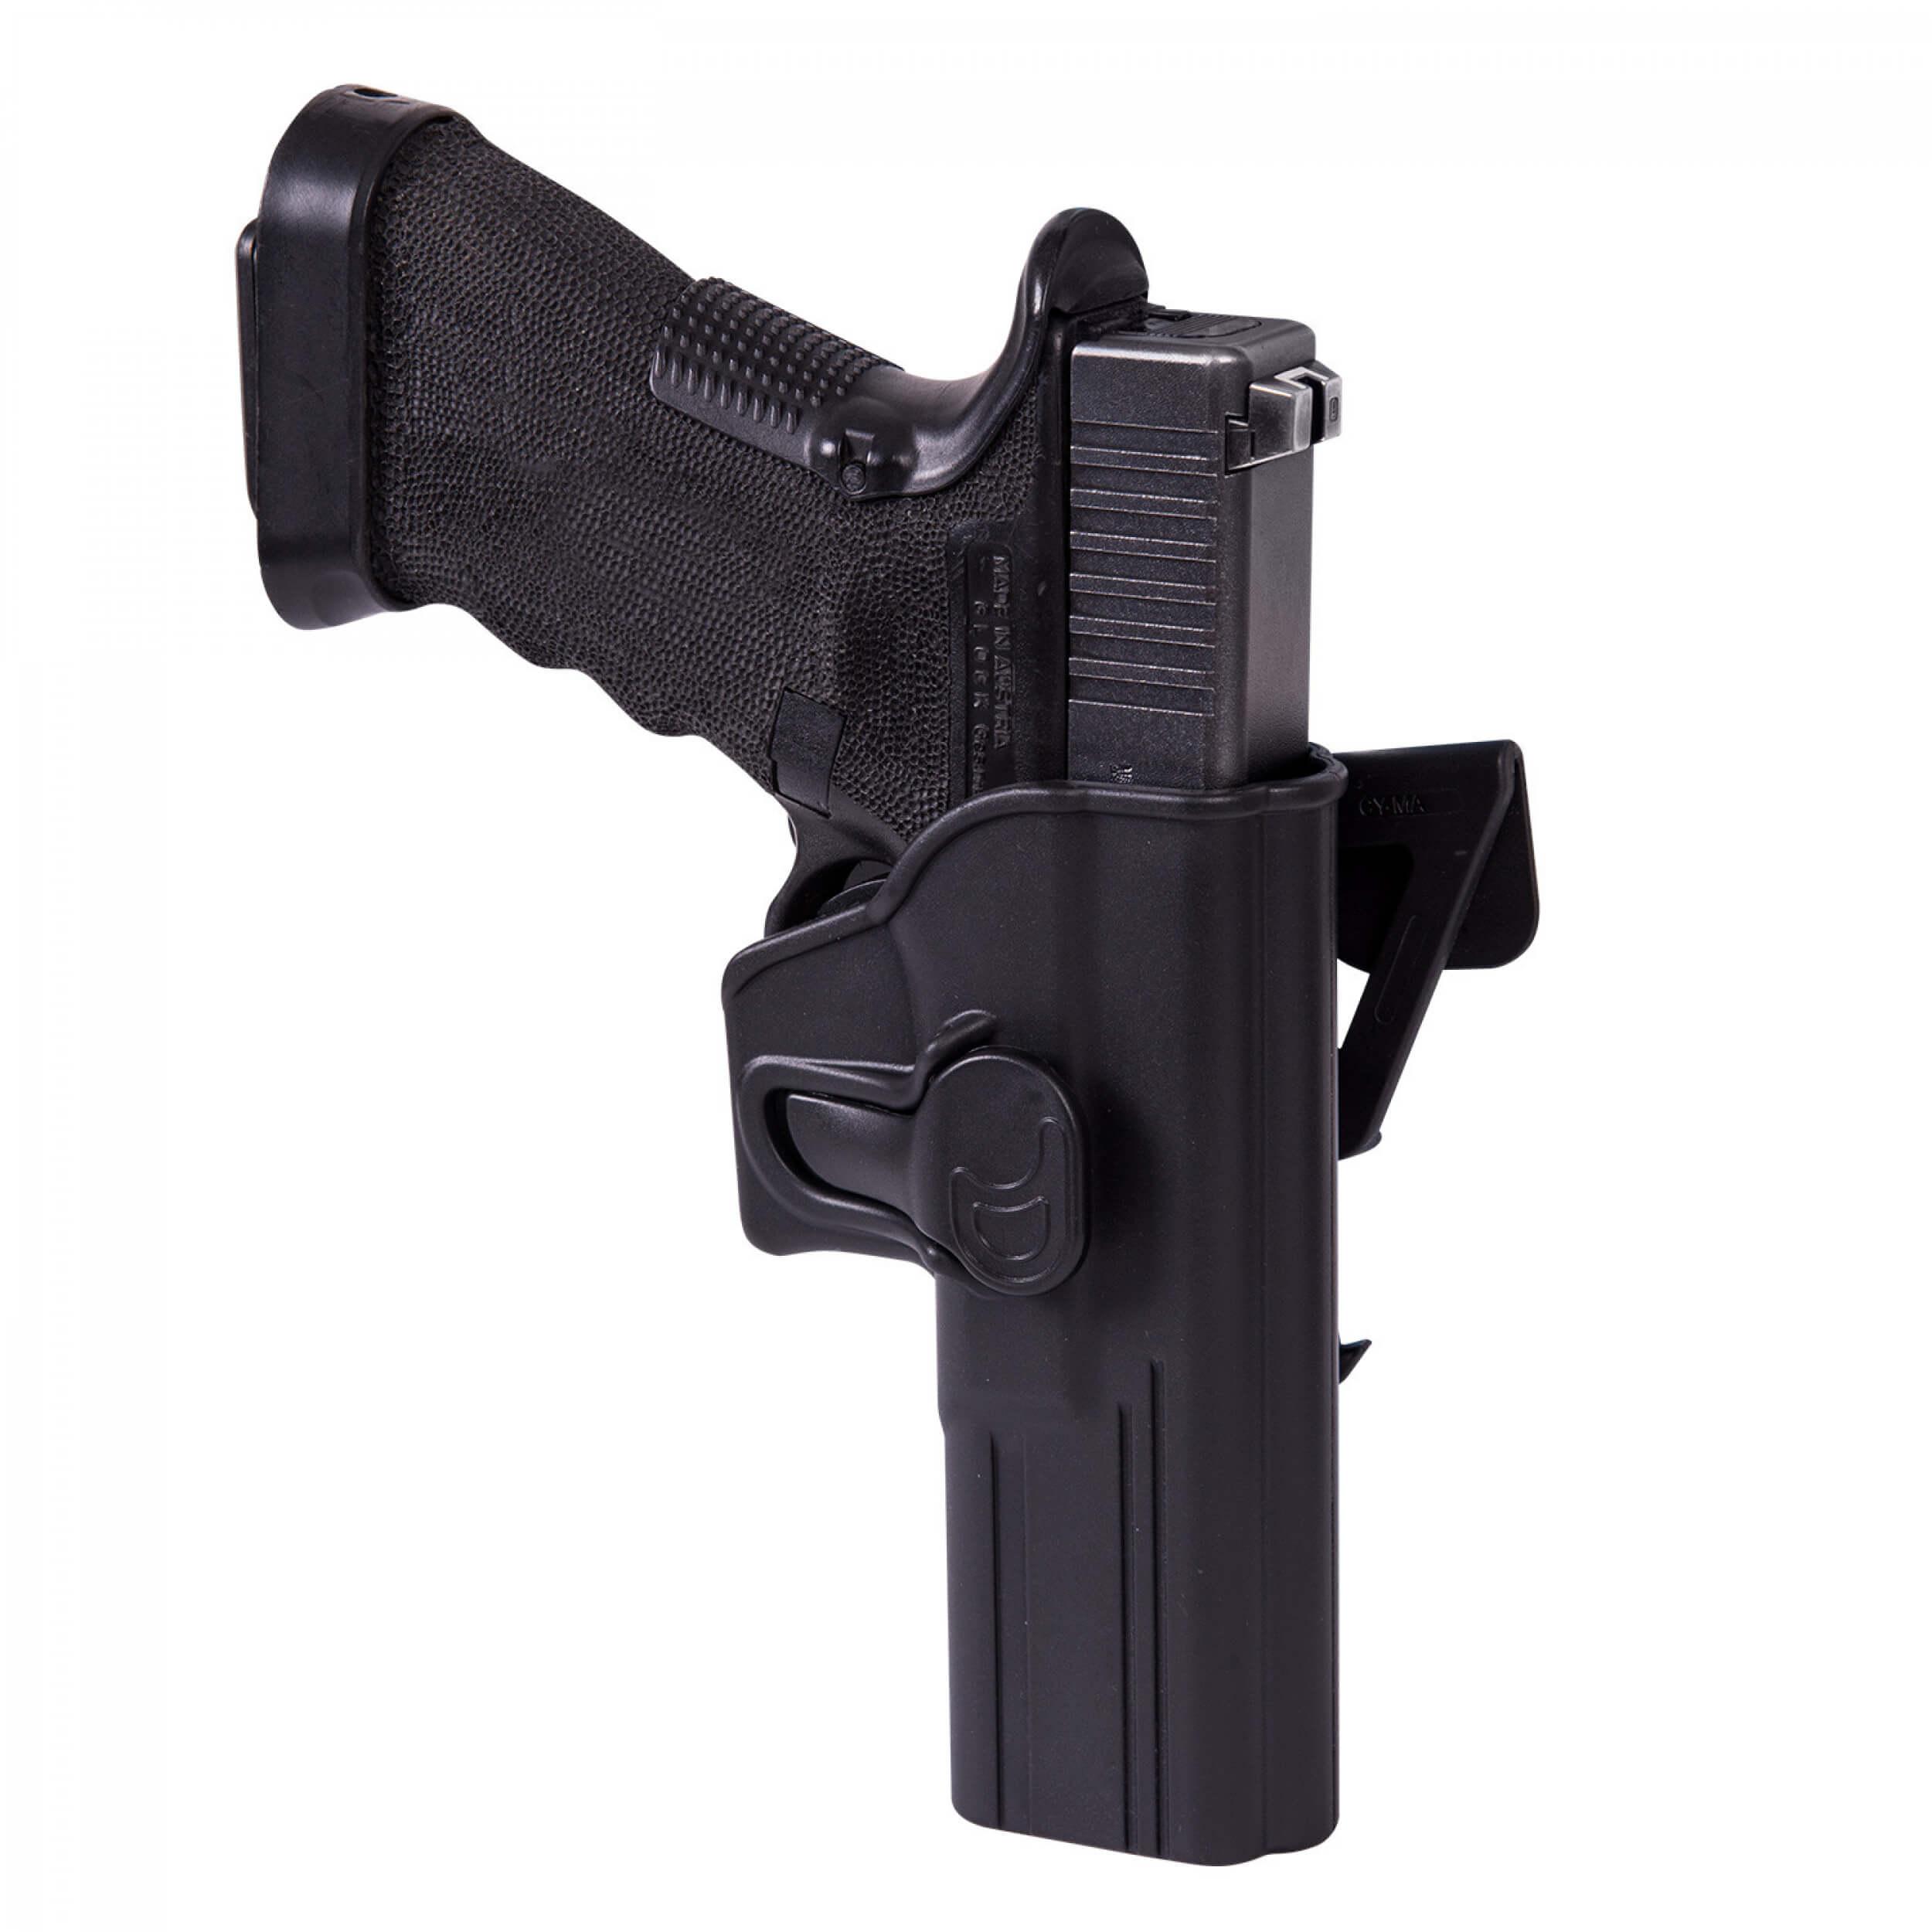 Helikon-Tex Release Holster für Glock 17 mit Molle Attachment - Military Grade Polymer - Schwarz